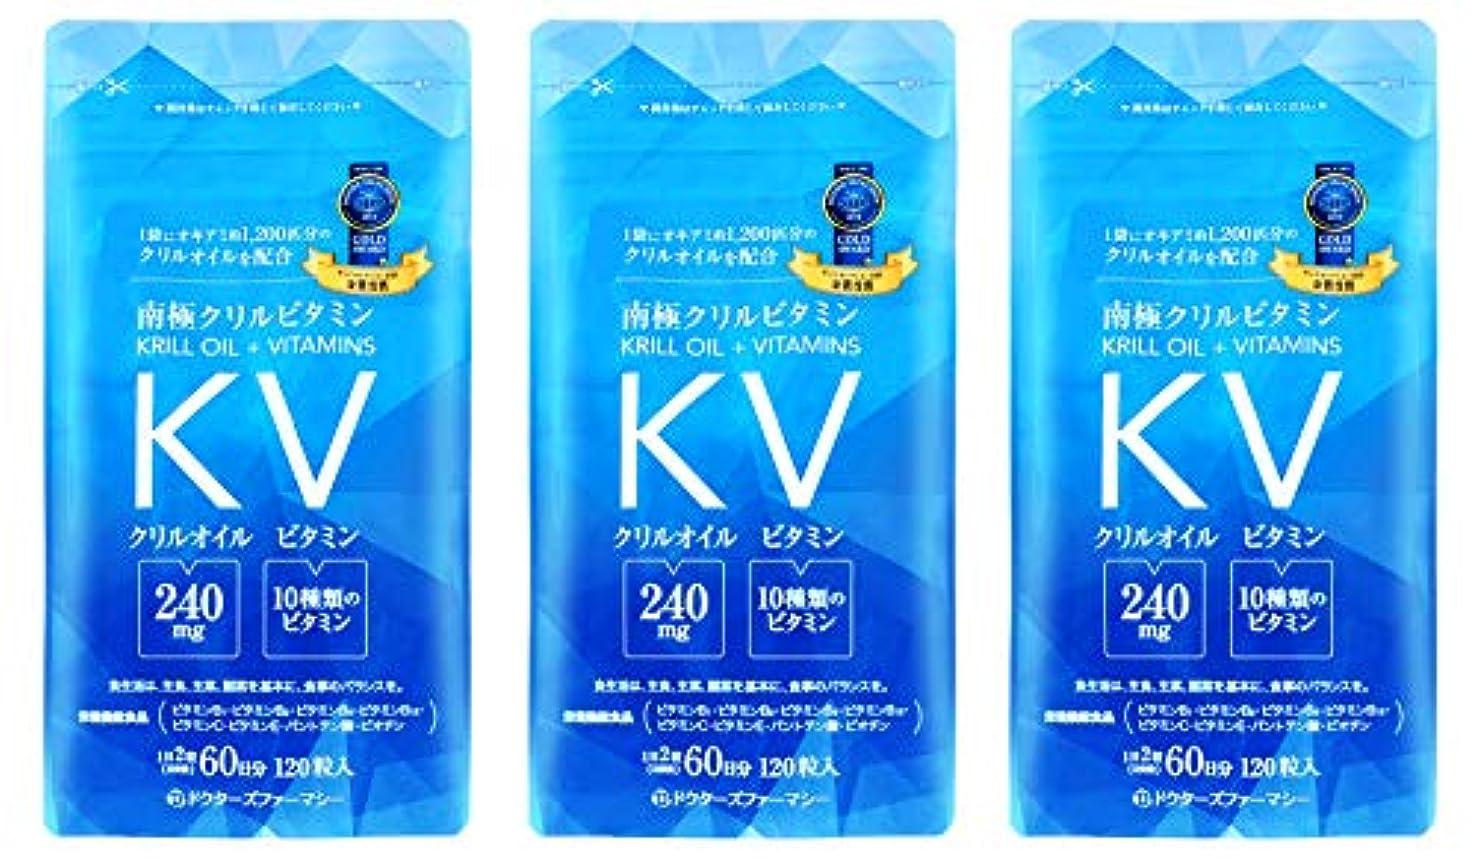 背の高い細部いじめっ子ドクターズファーマシー 南極クリルビタミン 120粒 × 3袋 【オキア抽出物+ビタミン類含有加工食品】